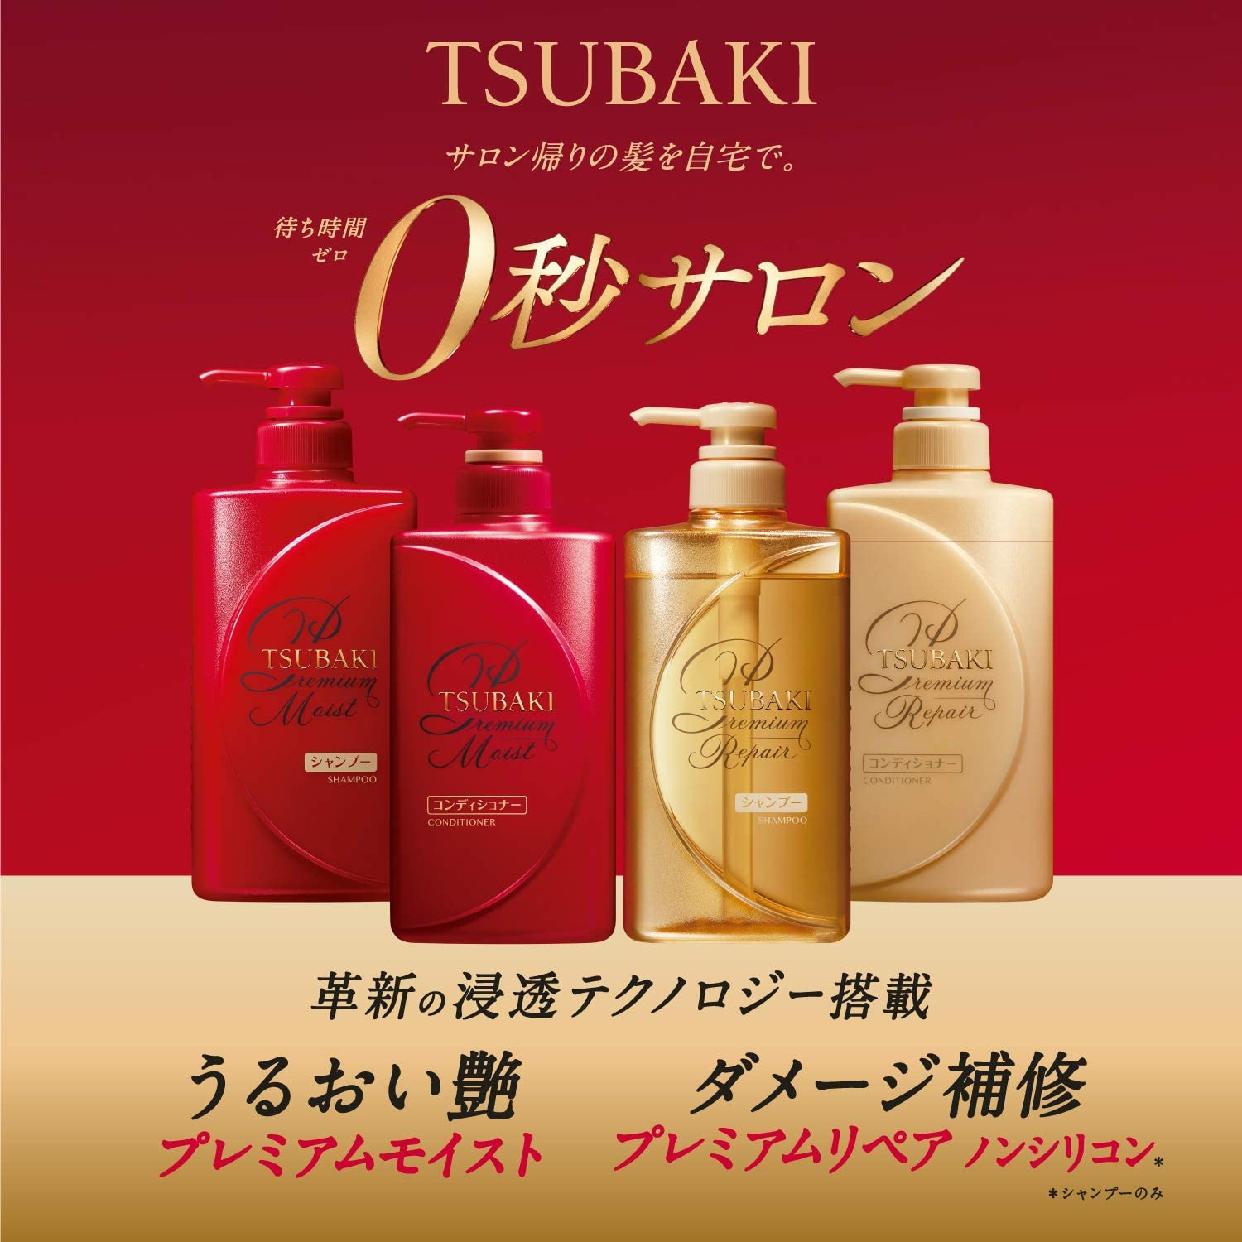 TSUBAKI(ツバキ) プレミアムモイストシャンプーの商品画像10